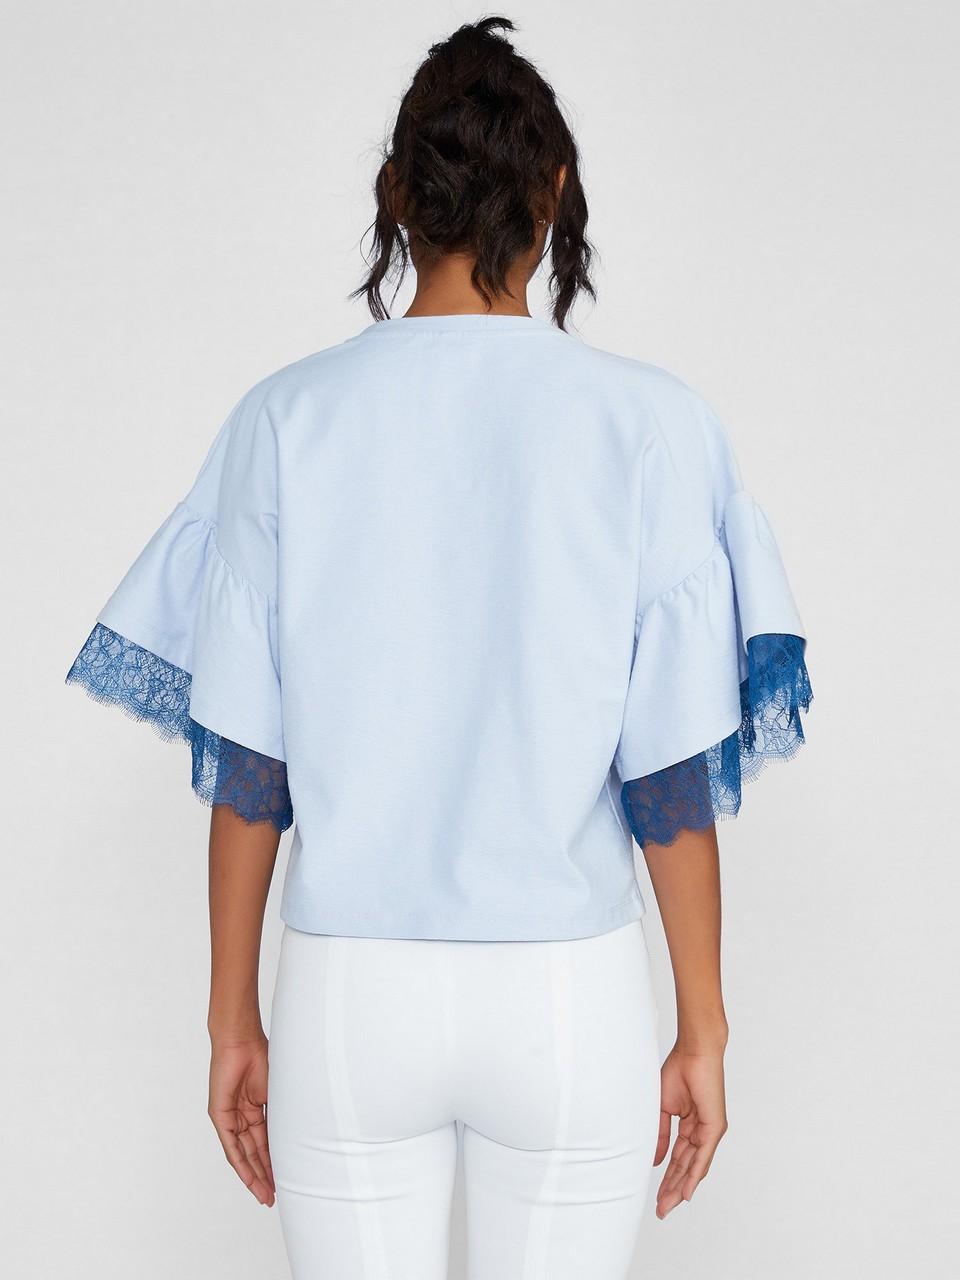 Dantel Detaylı Pamuklu Bluz